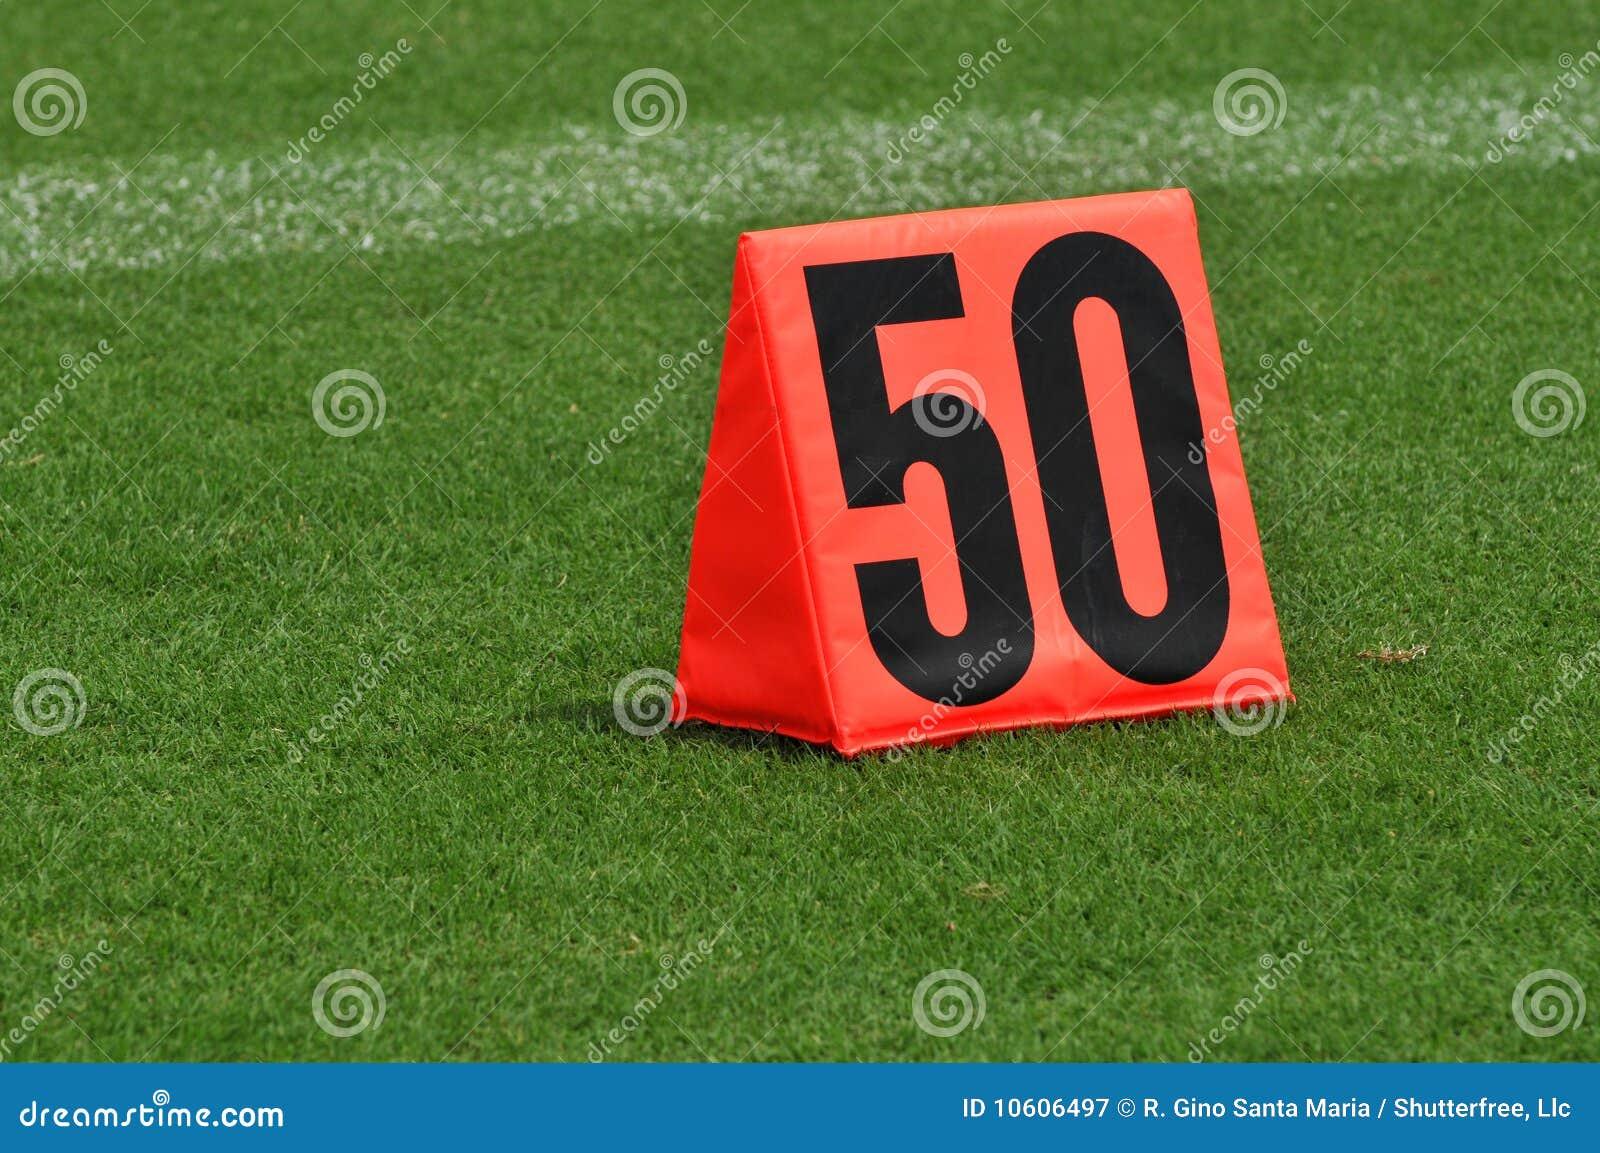 Ligne repère du yard cinquante